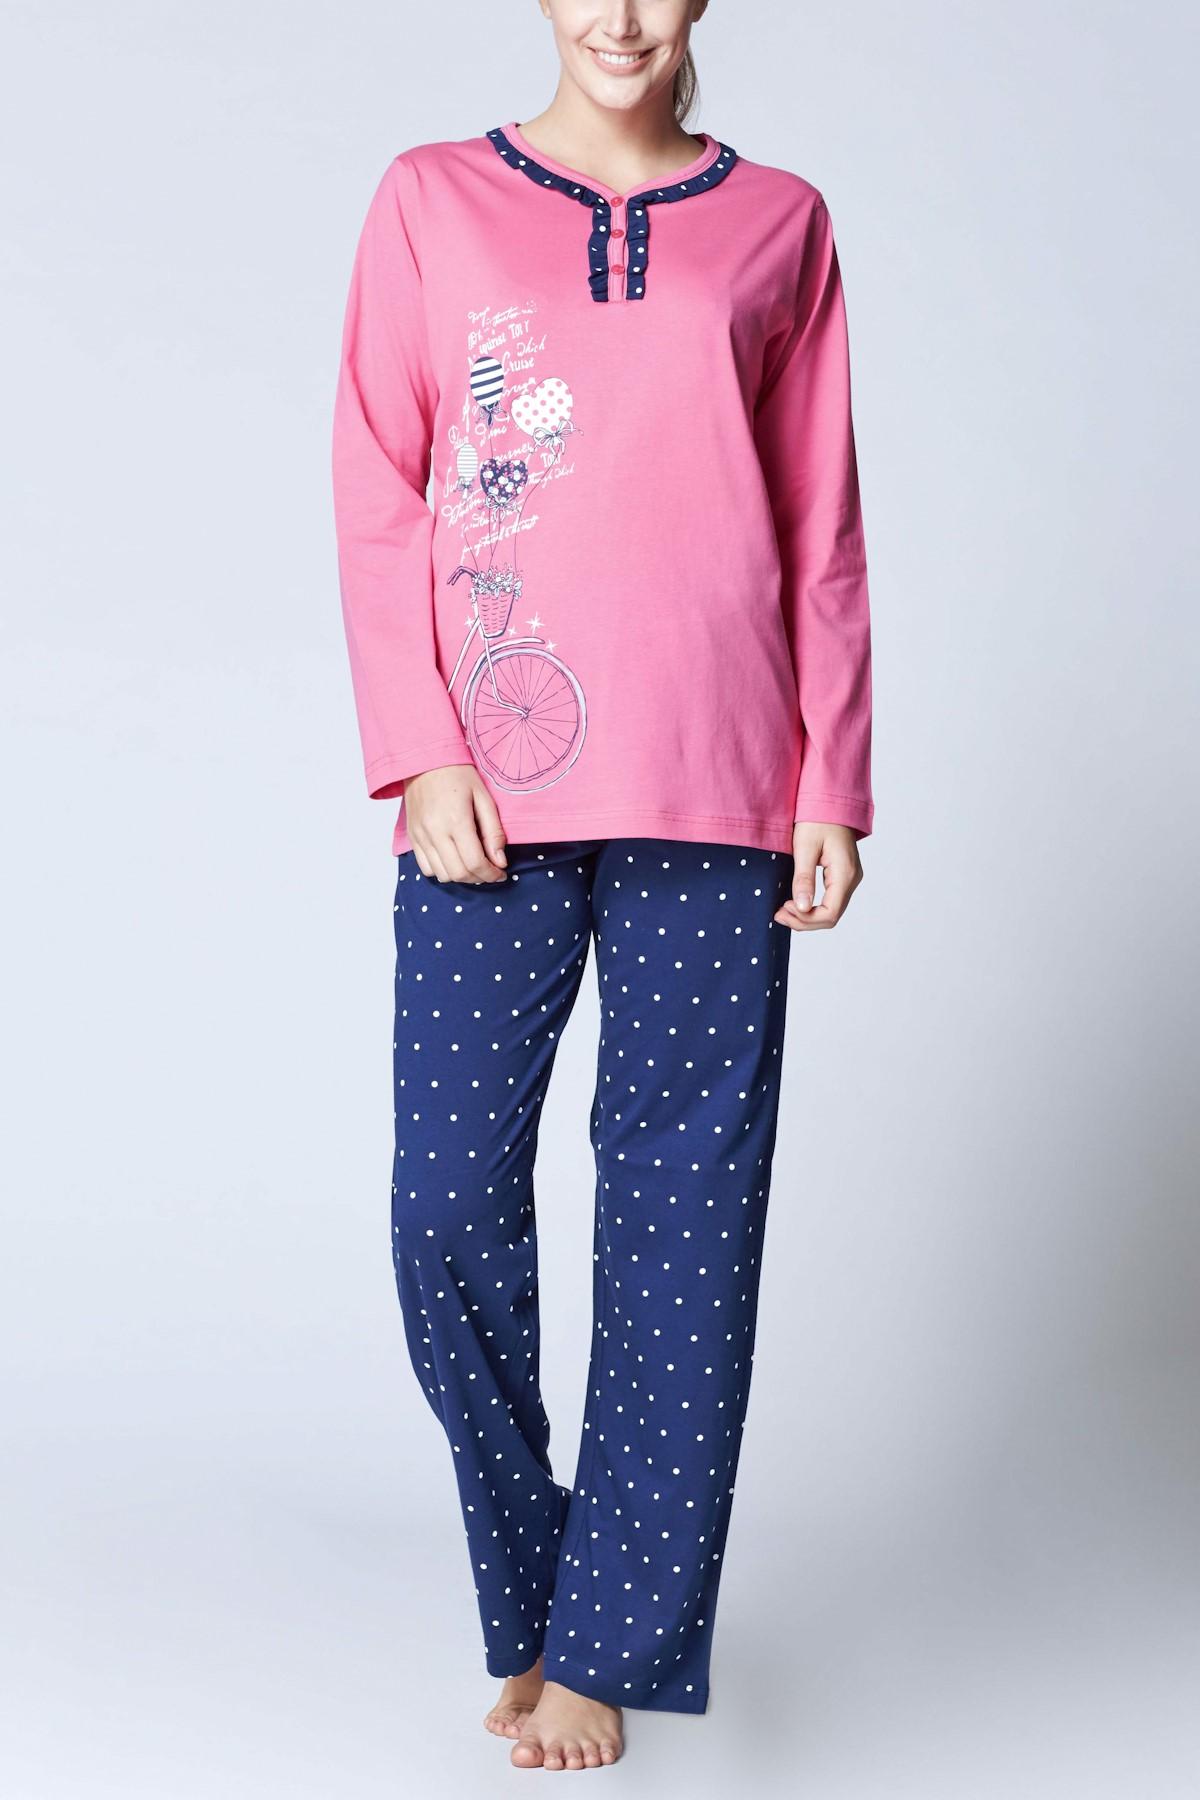 ROLY POLY Kadın Fuşya Süprem Uzun Kol Pijama Takımı 7852 1